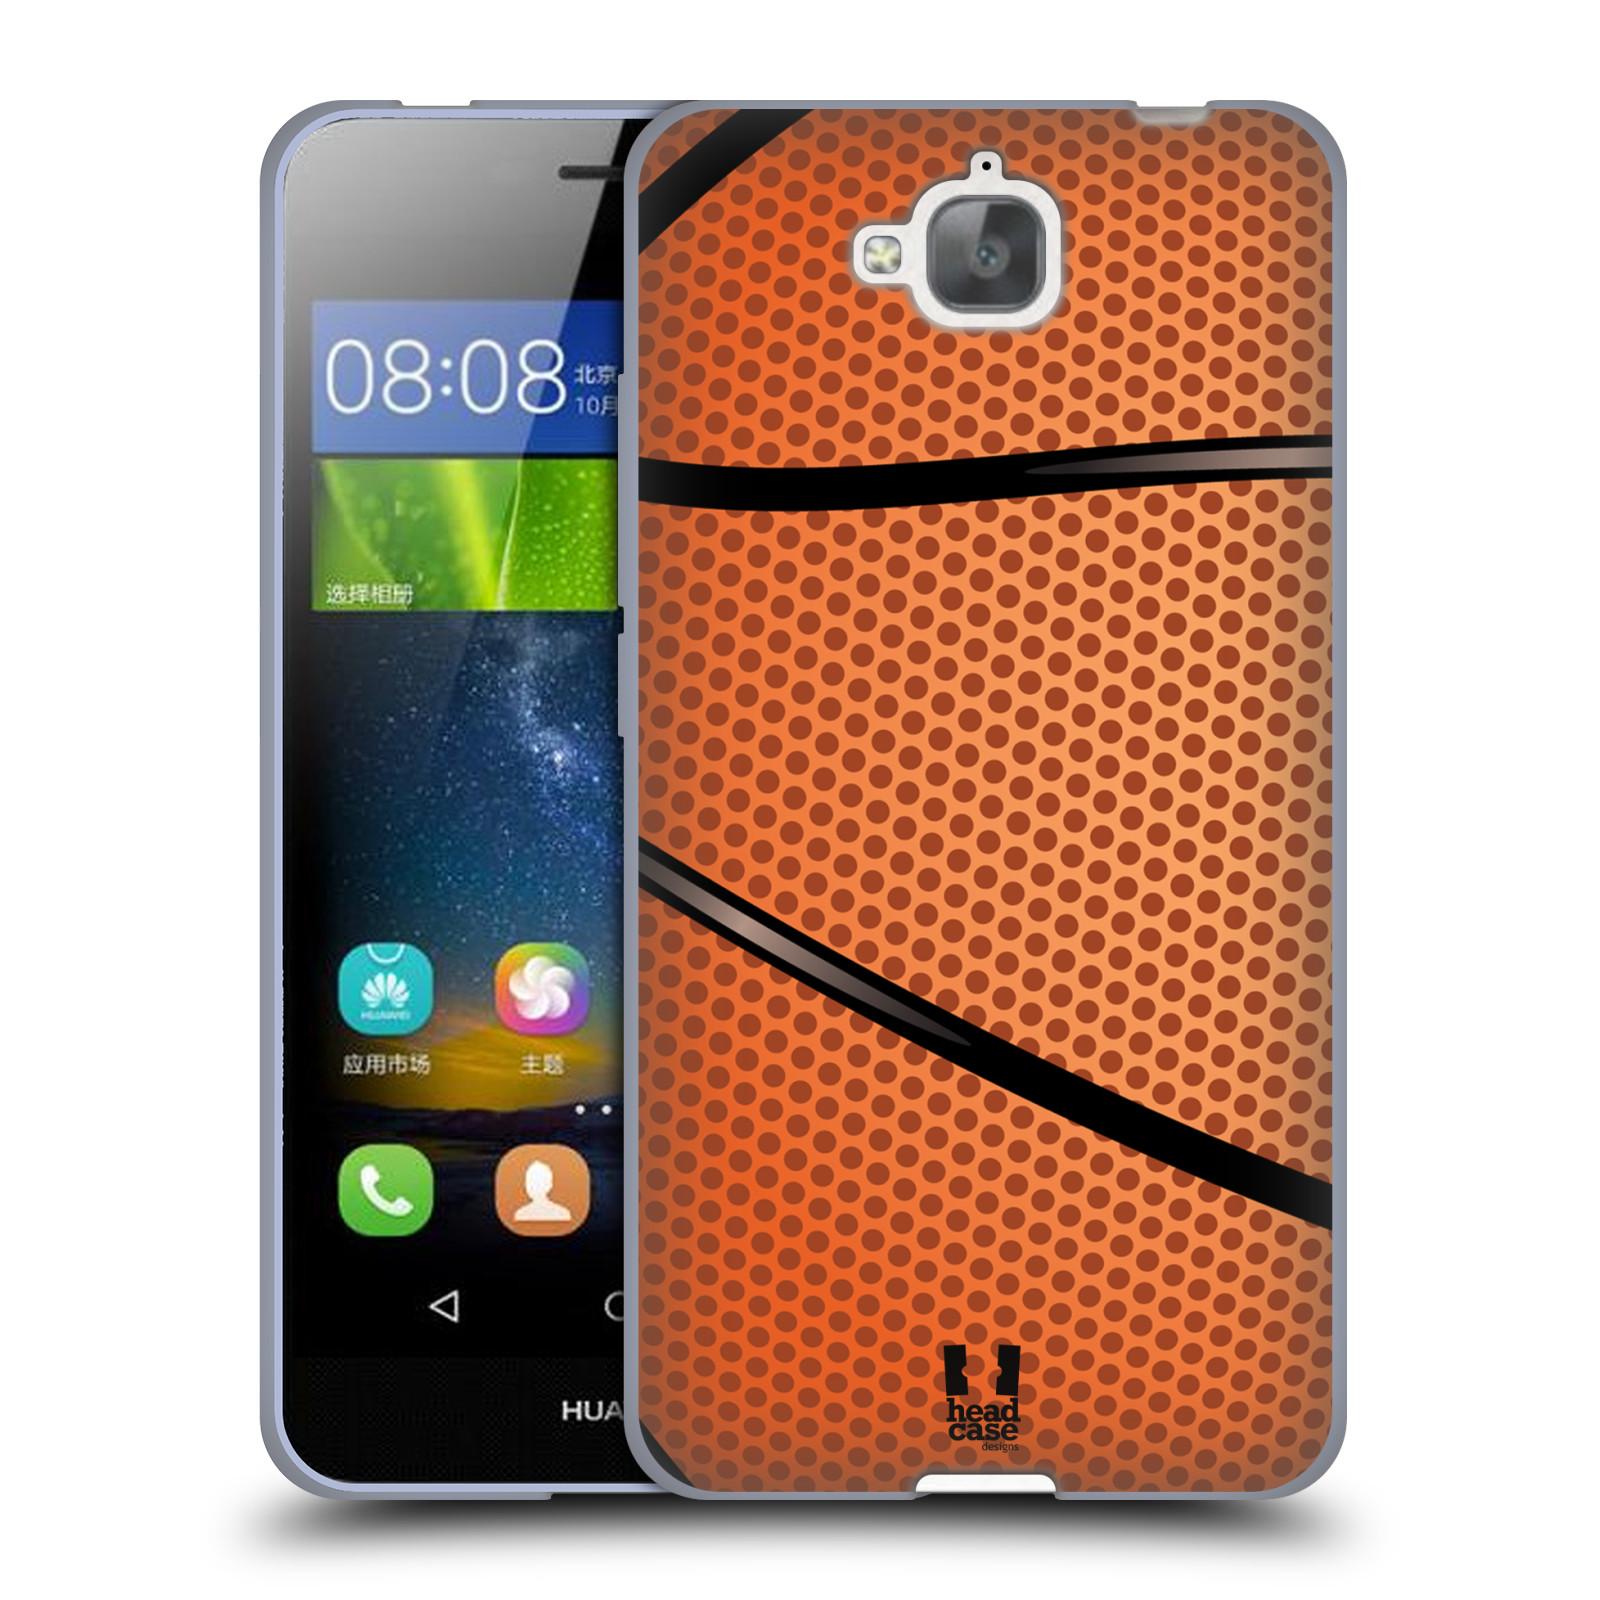 Silikonové pouzdro na mobil Huawei Y6 Pro Dual Sim HEAD CASE BASKEŤÁK